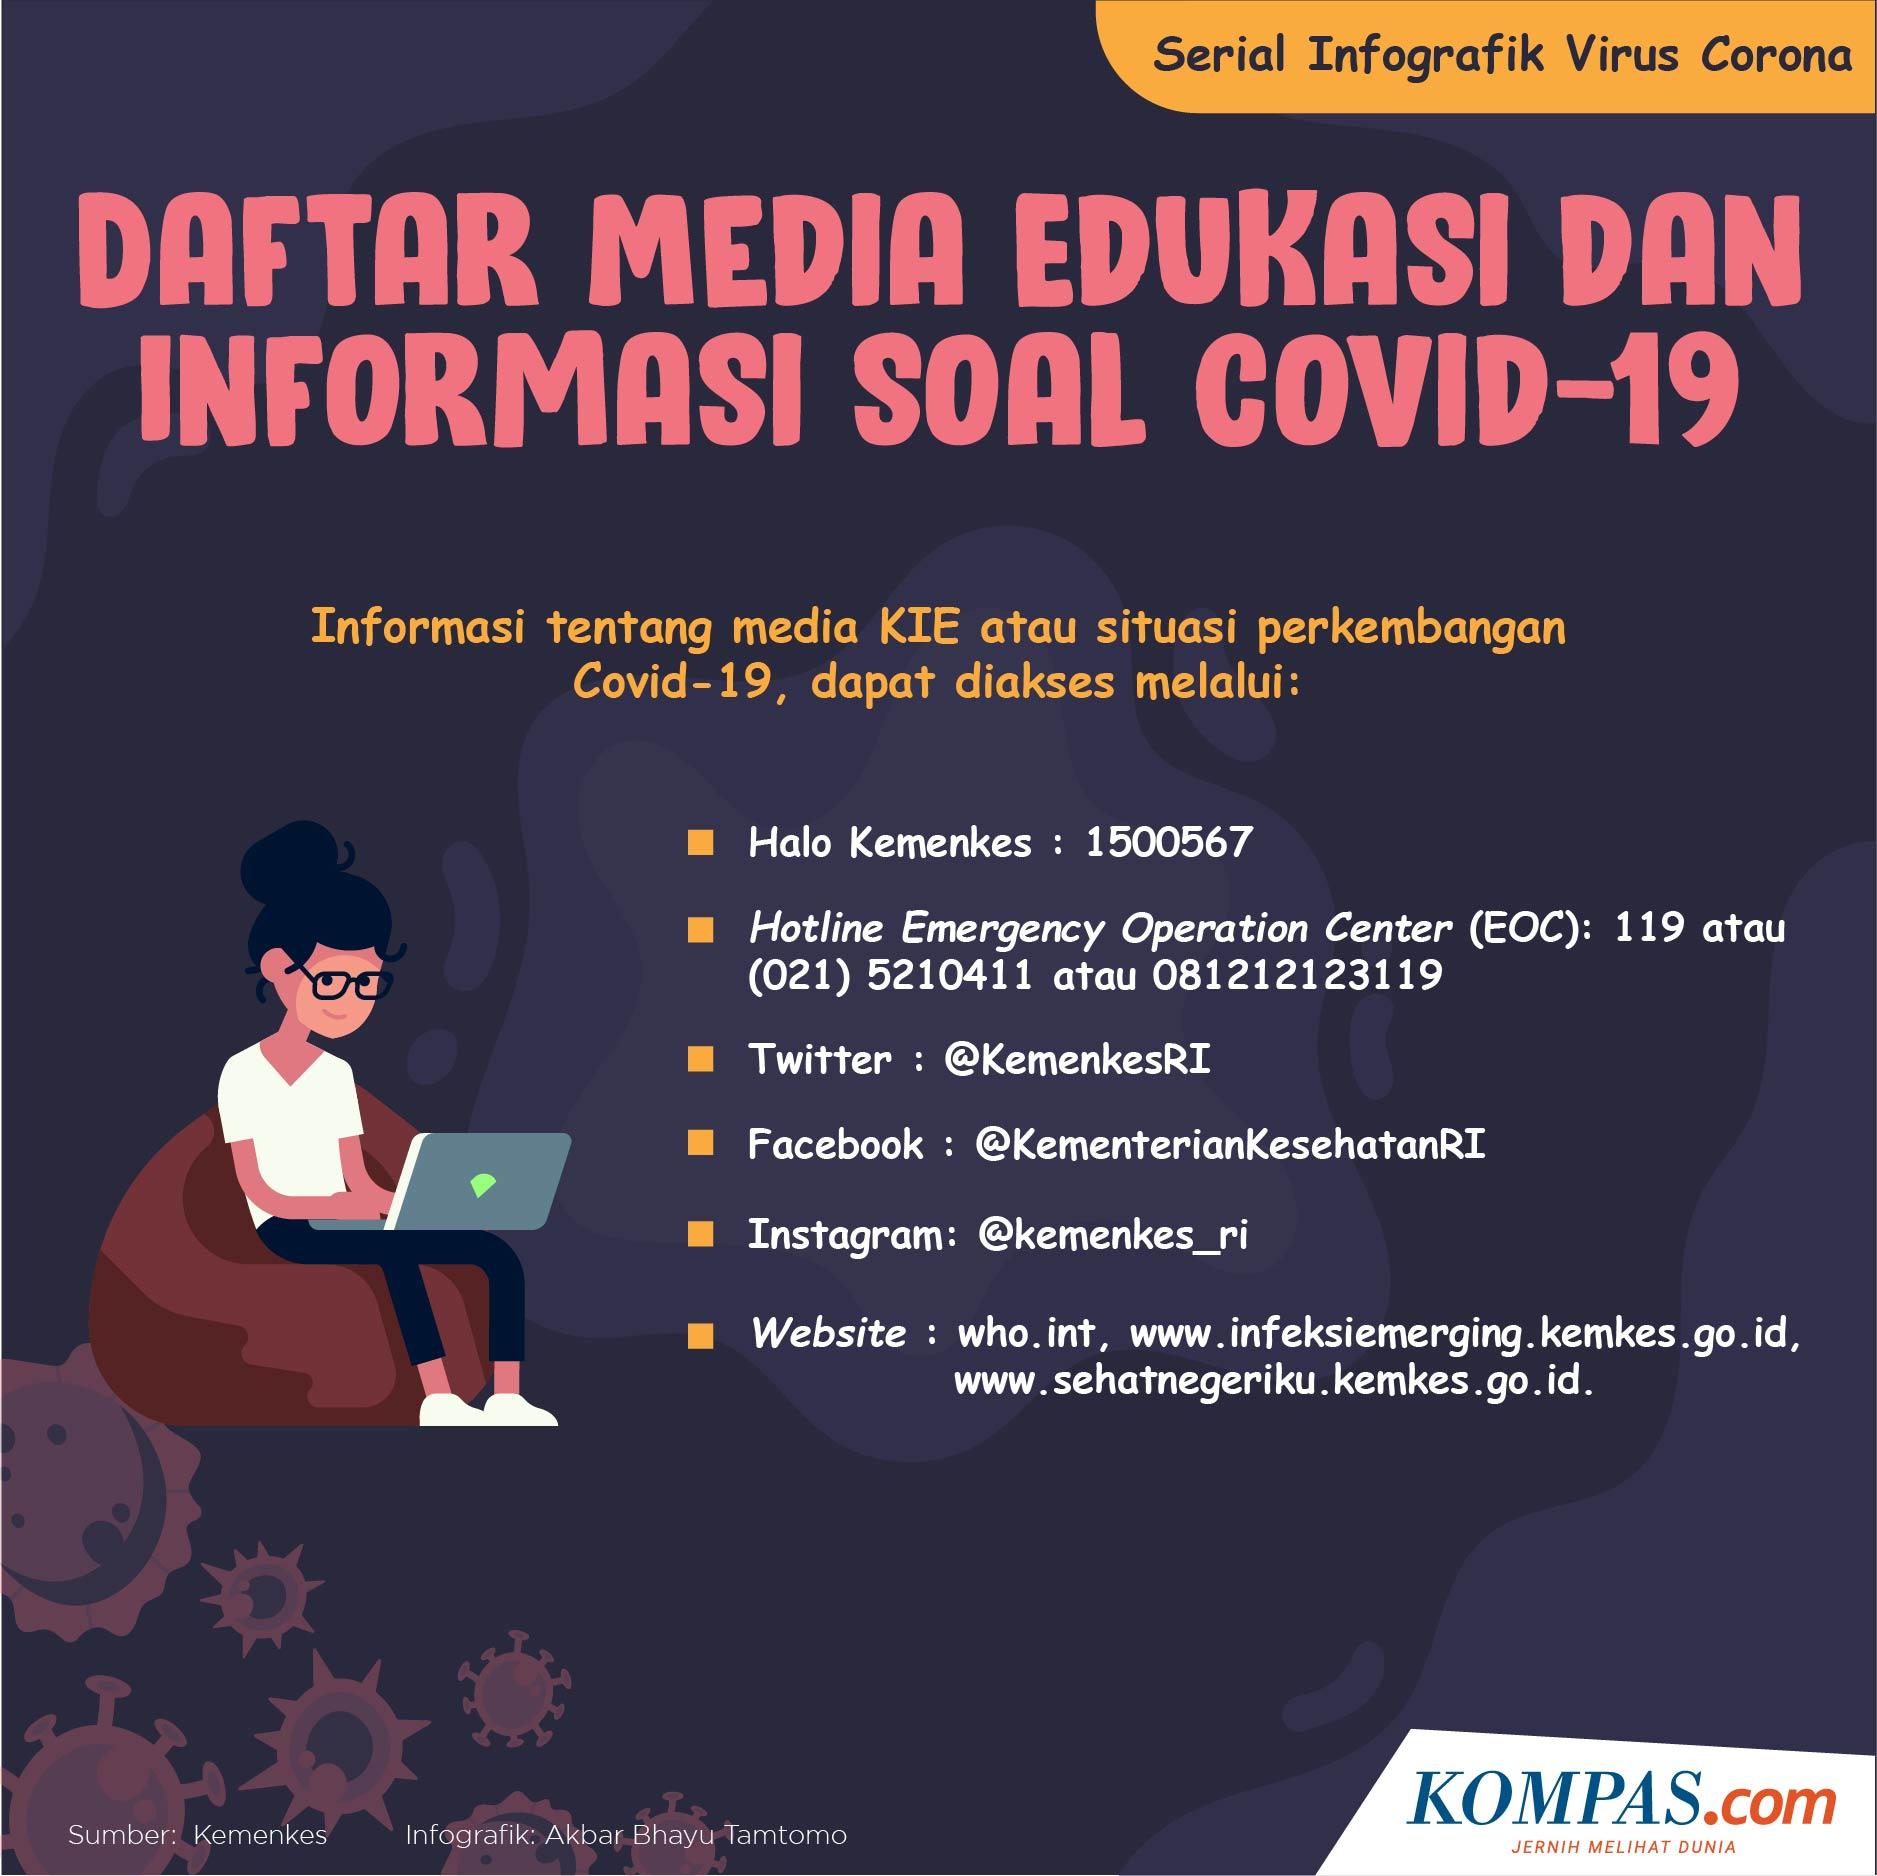 Infografik Daftar Media Edukasi Dan Informasi Soal Covid 19